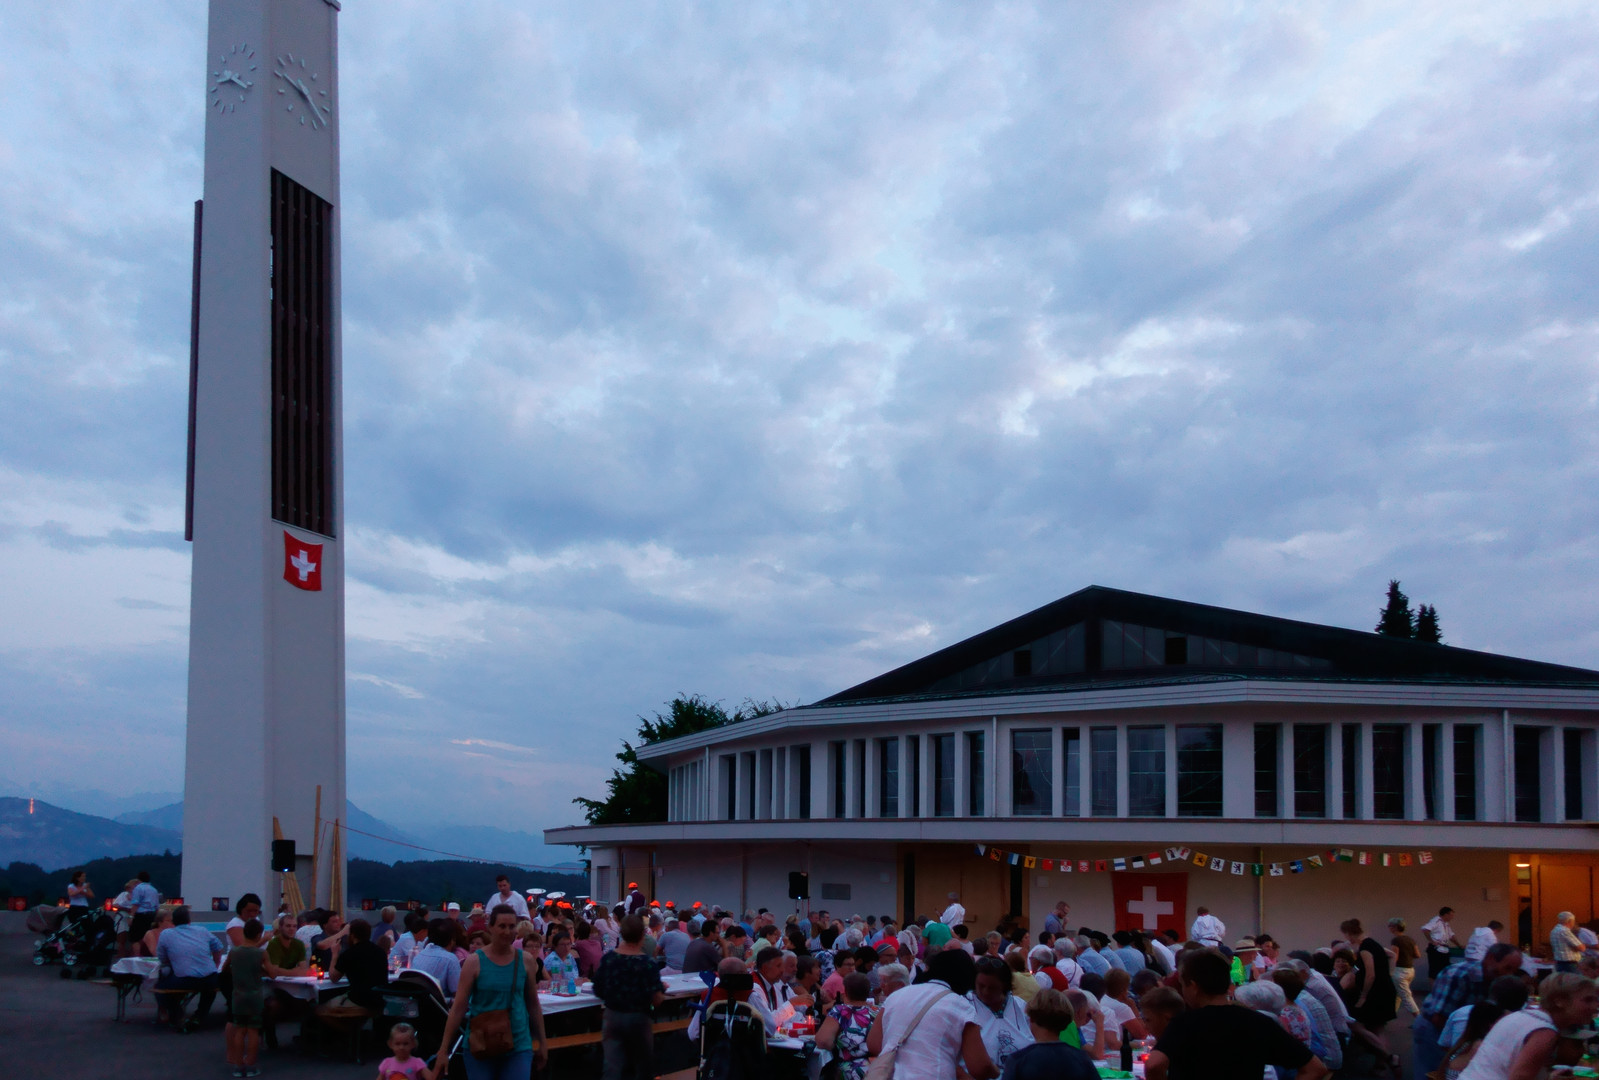 Jodlerclub-am-Rigi_Bundesfeier-Udligensw